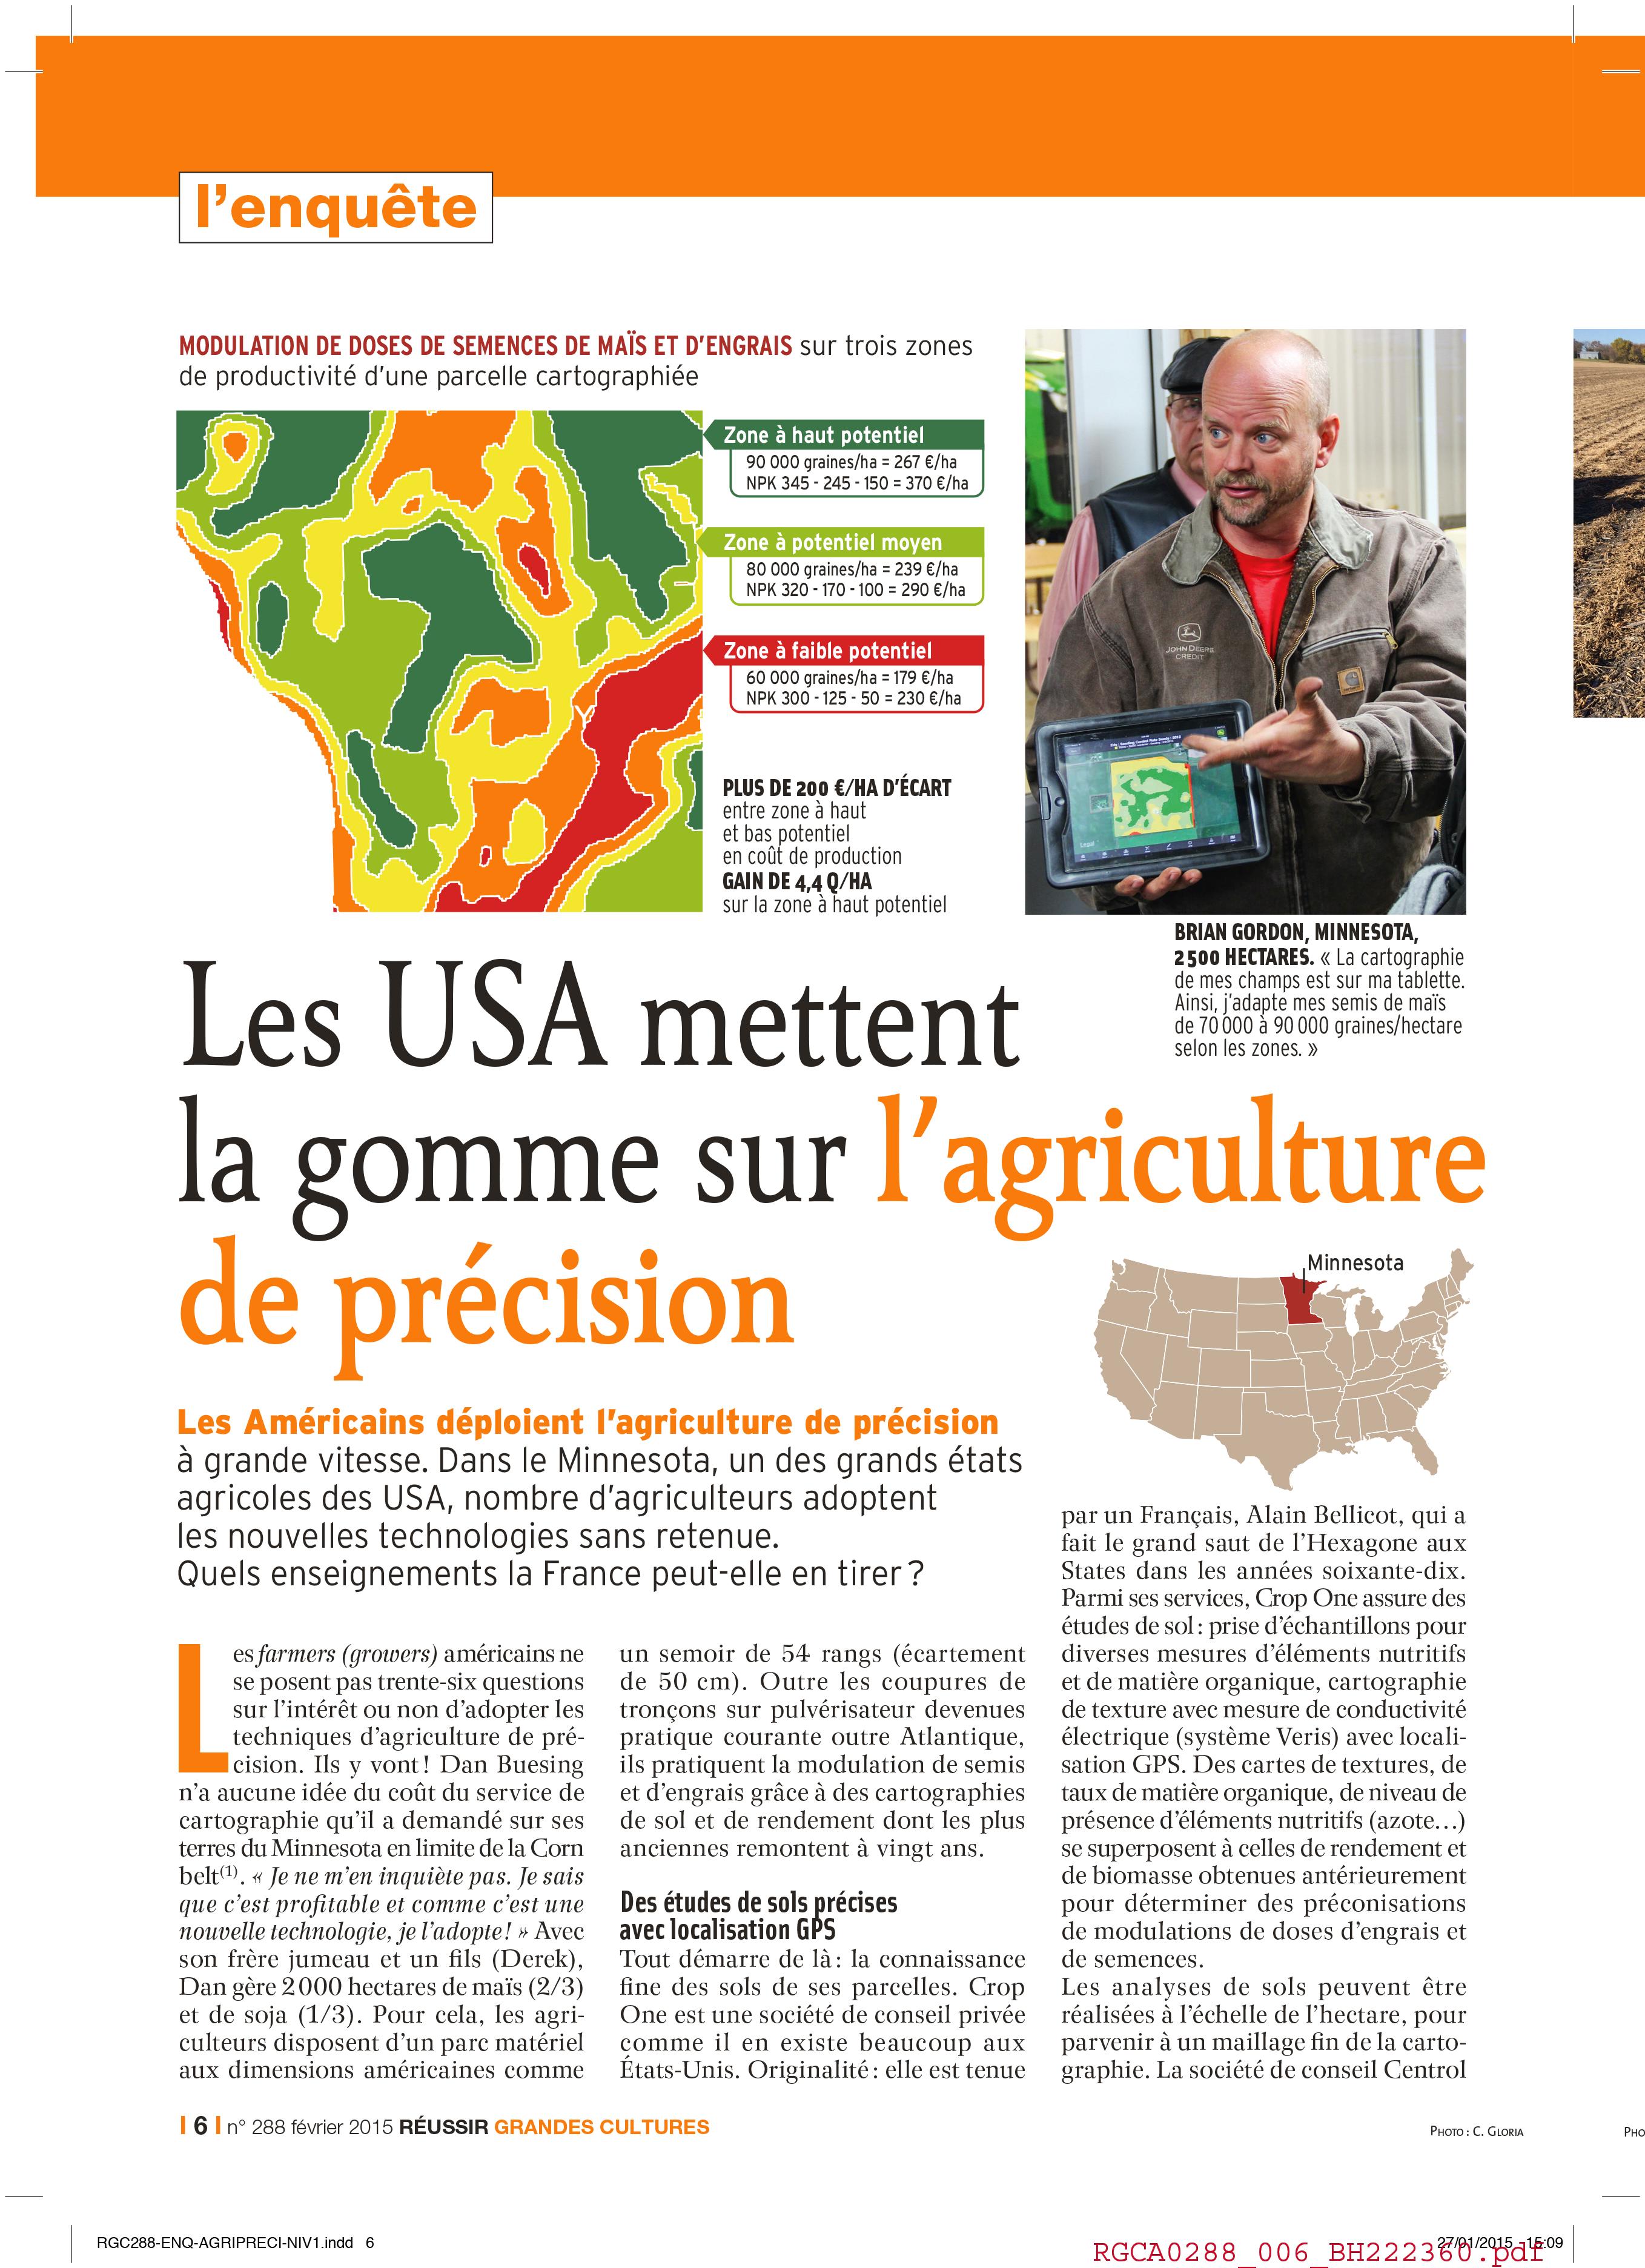 Les USA et l'agriculture de précision